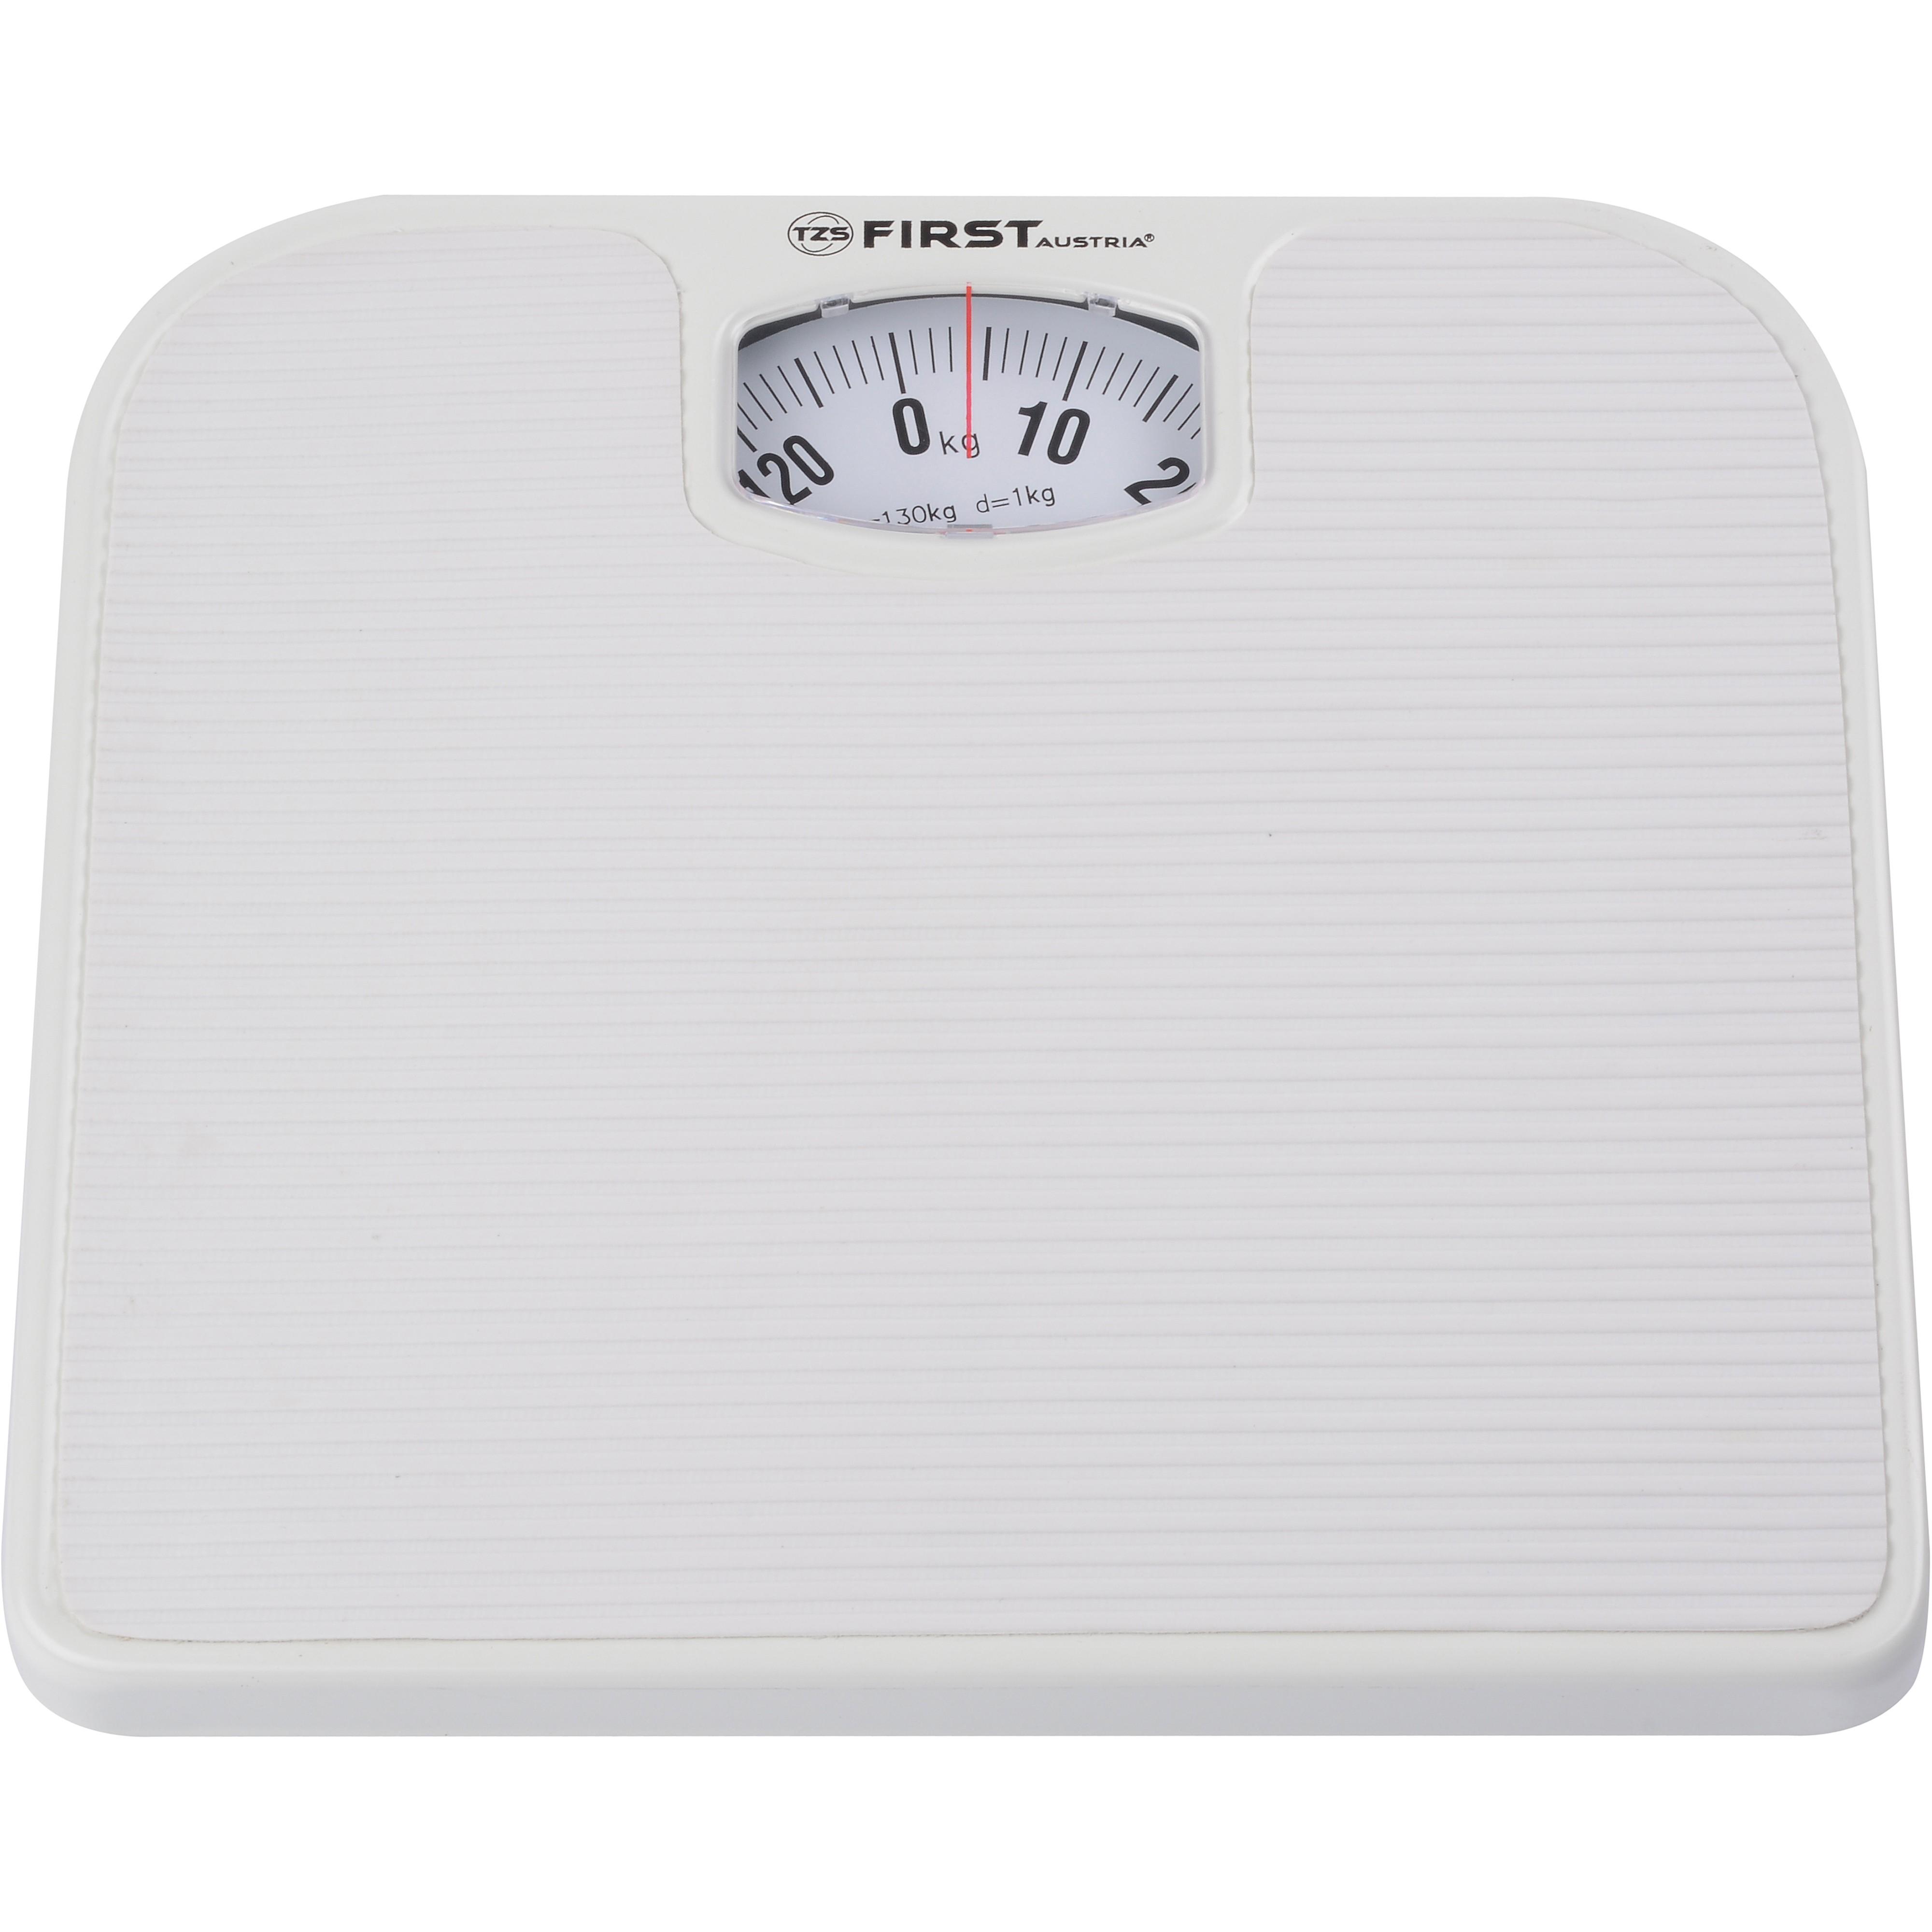 Весы напольные FIRST 8020-WIВесы - мерило достижений<br>Простым в использовании и надежным прибором для измерения веса человека, являются напольные весы. Такое устройство позволить вам измерить свой вес без лишних усилий в кратчайшие сроки прямо у себя дома.<br>